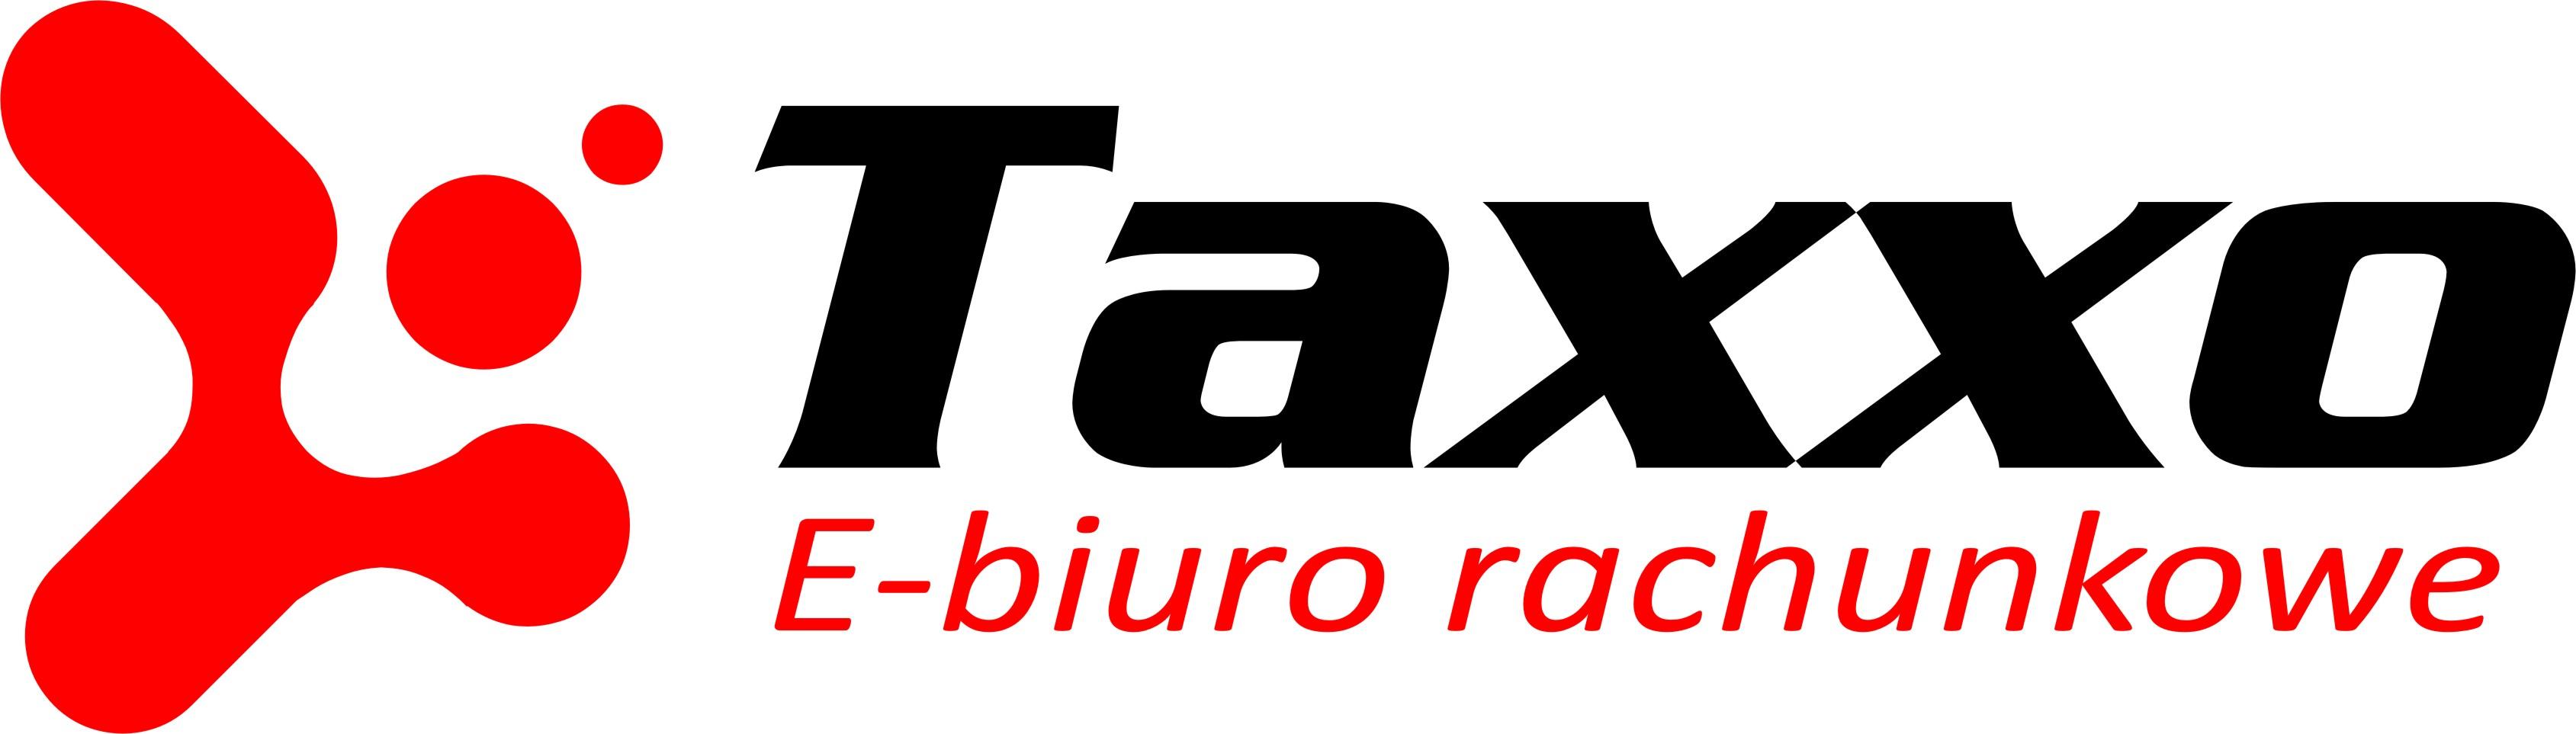 Logowanie Taxxo